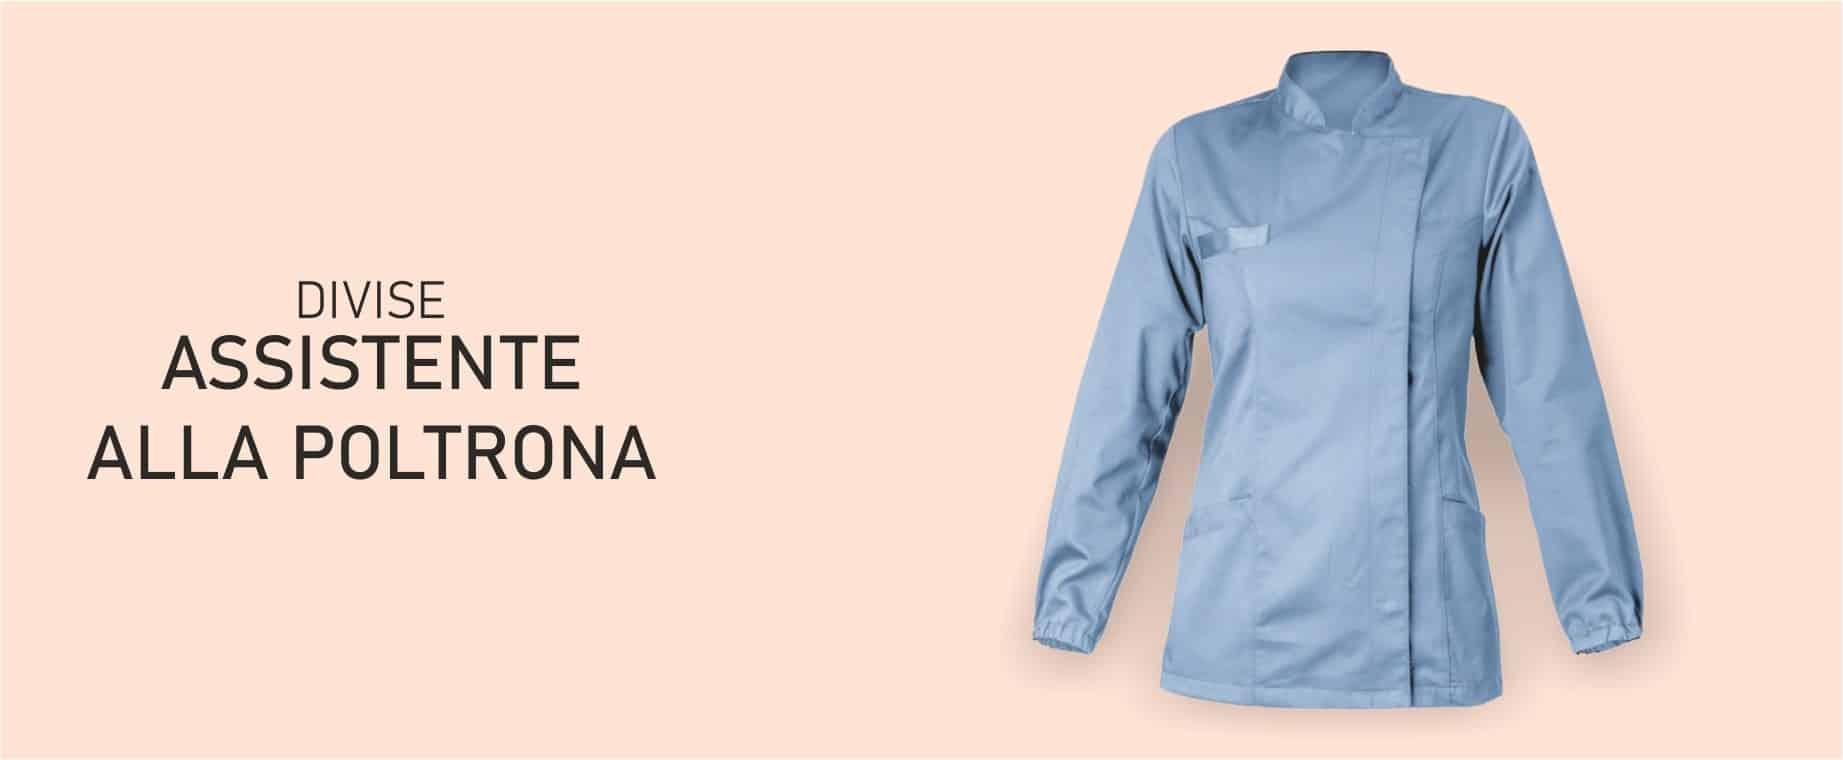 banner-home-abbigliamento-da-lavoro-divise-assistente-alla-poltrona-min